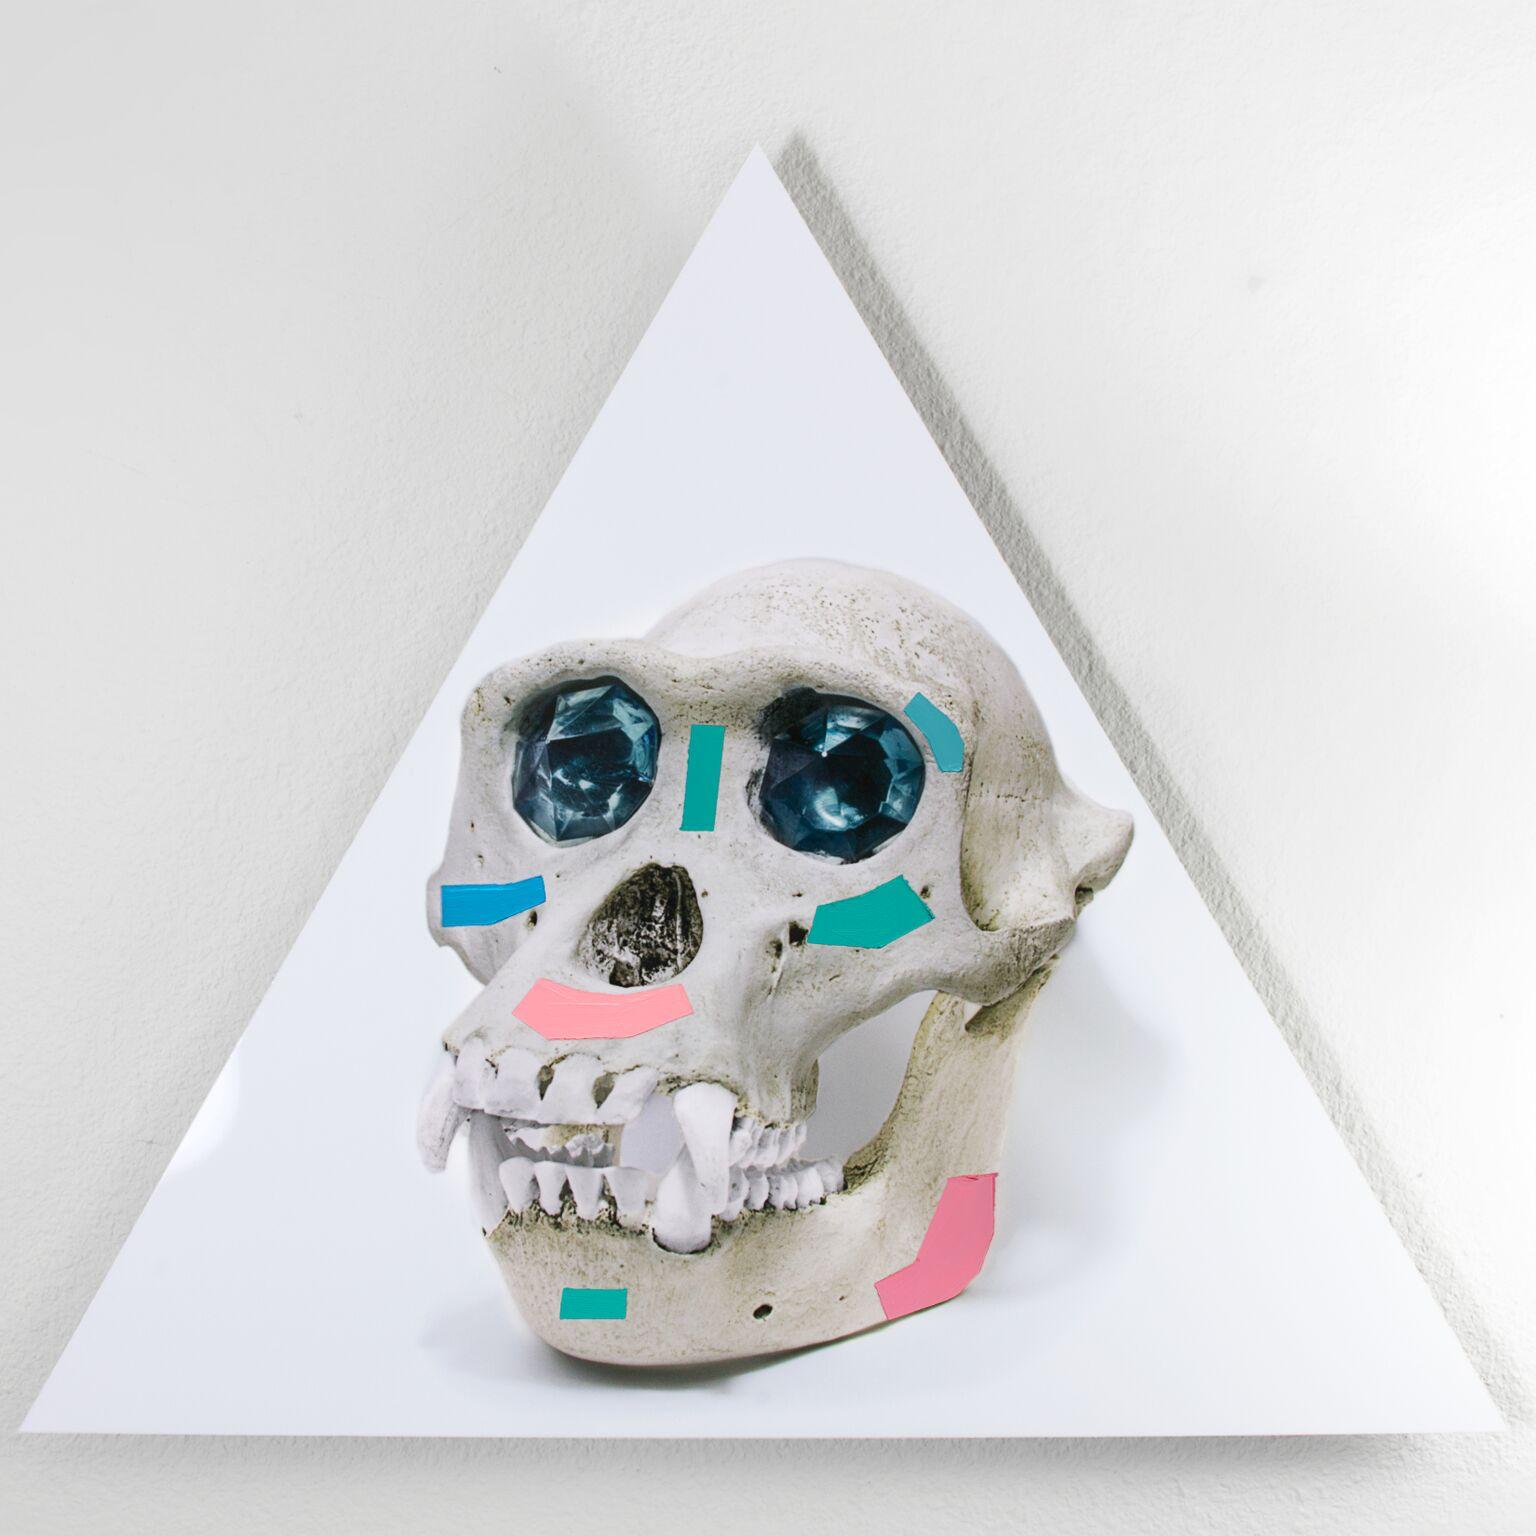 3_Ancient_God_Always_Dream_of_Forever_Chimp_Replica_Skull_Victor_Koroma_preview.jpg